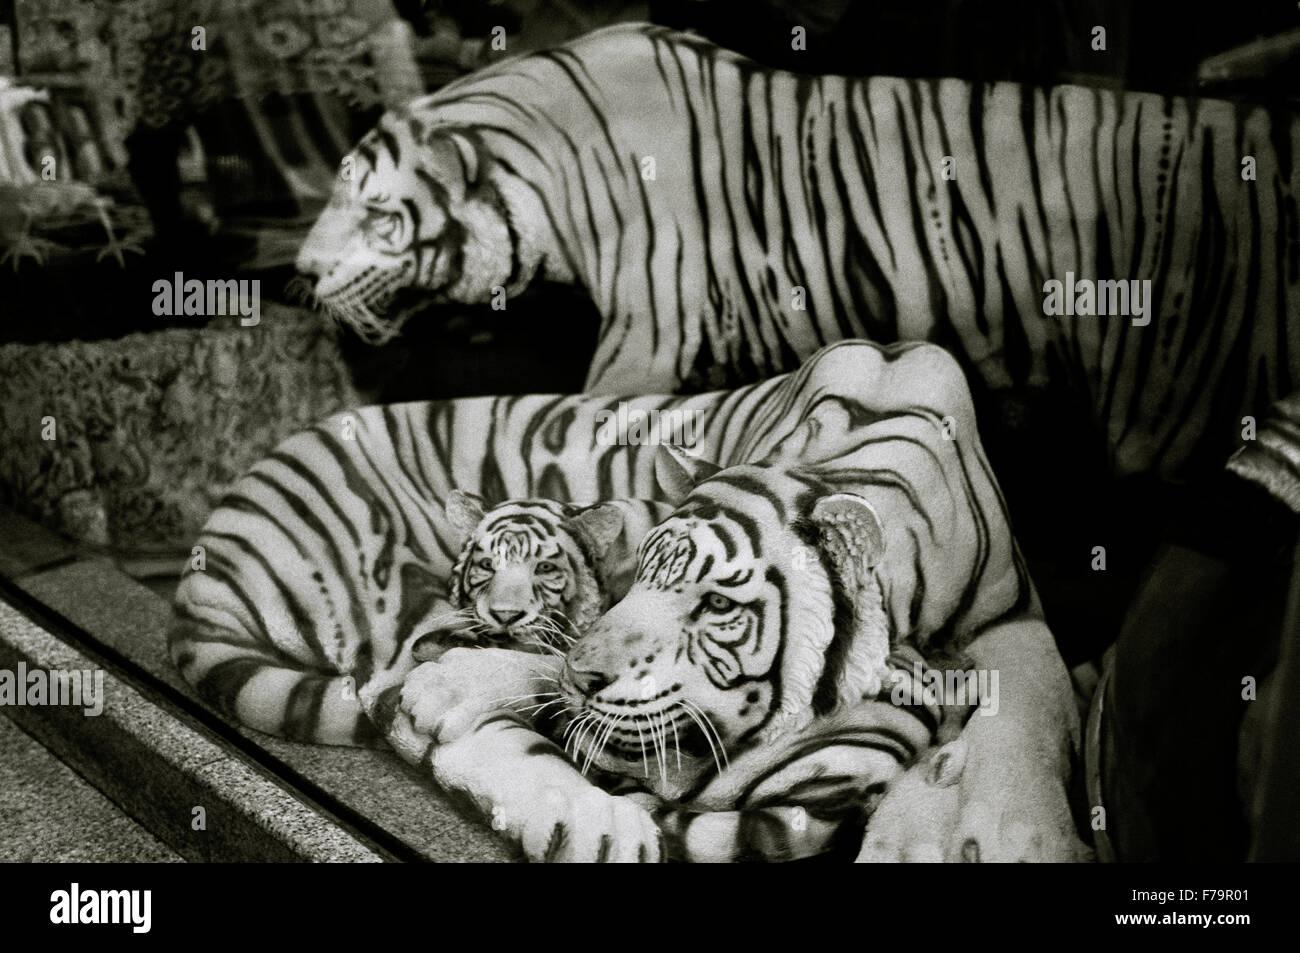 Los tigres en Bangkok Sukhumvit, en Tailandia en el lejano oriente, el sudeste de Asia. tiger wildlife naturaleza Imagen De Stock